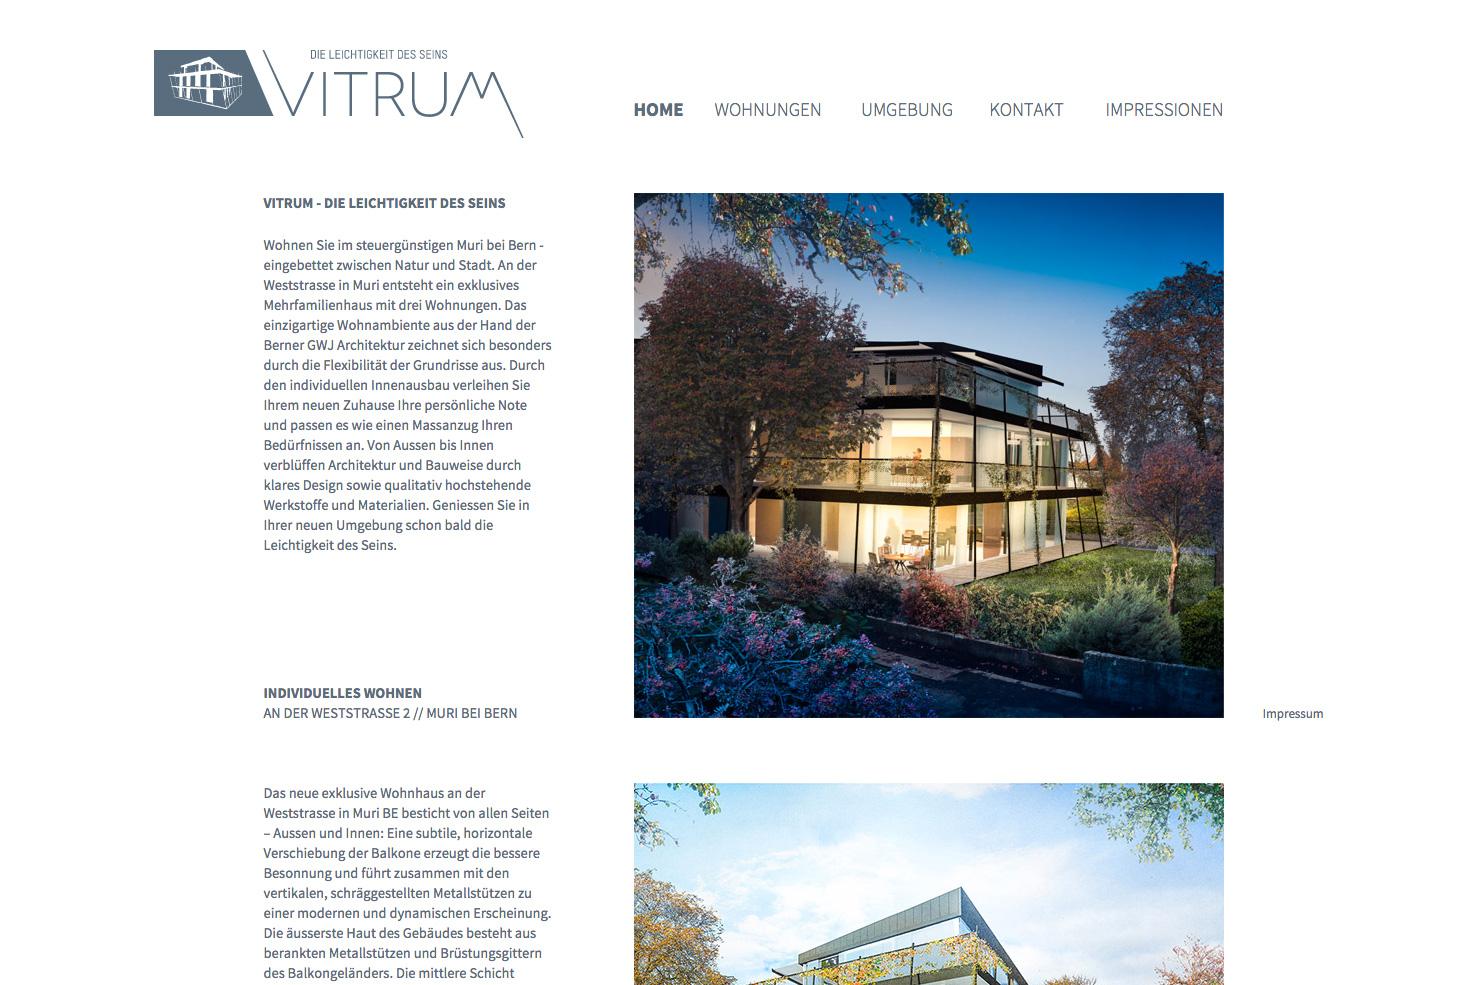 Bild 1 vom Vitrum Webseite